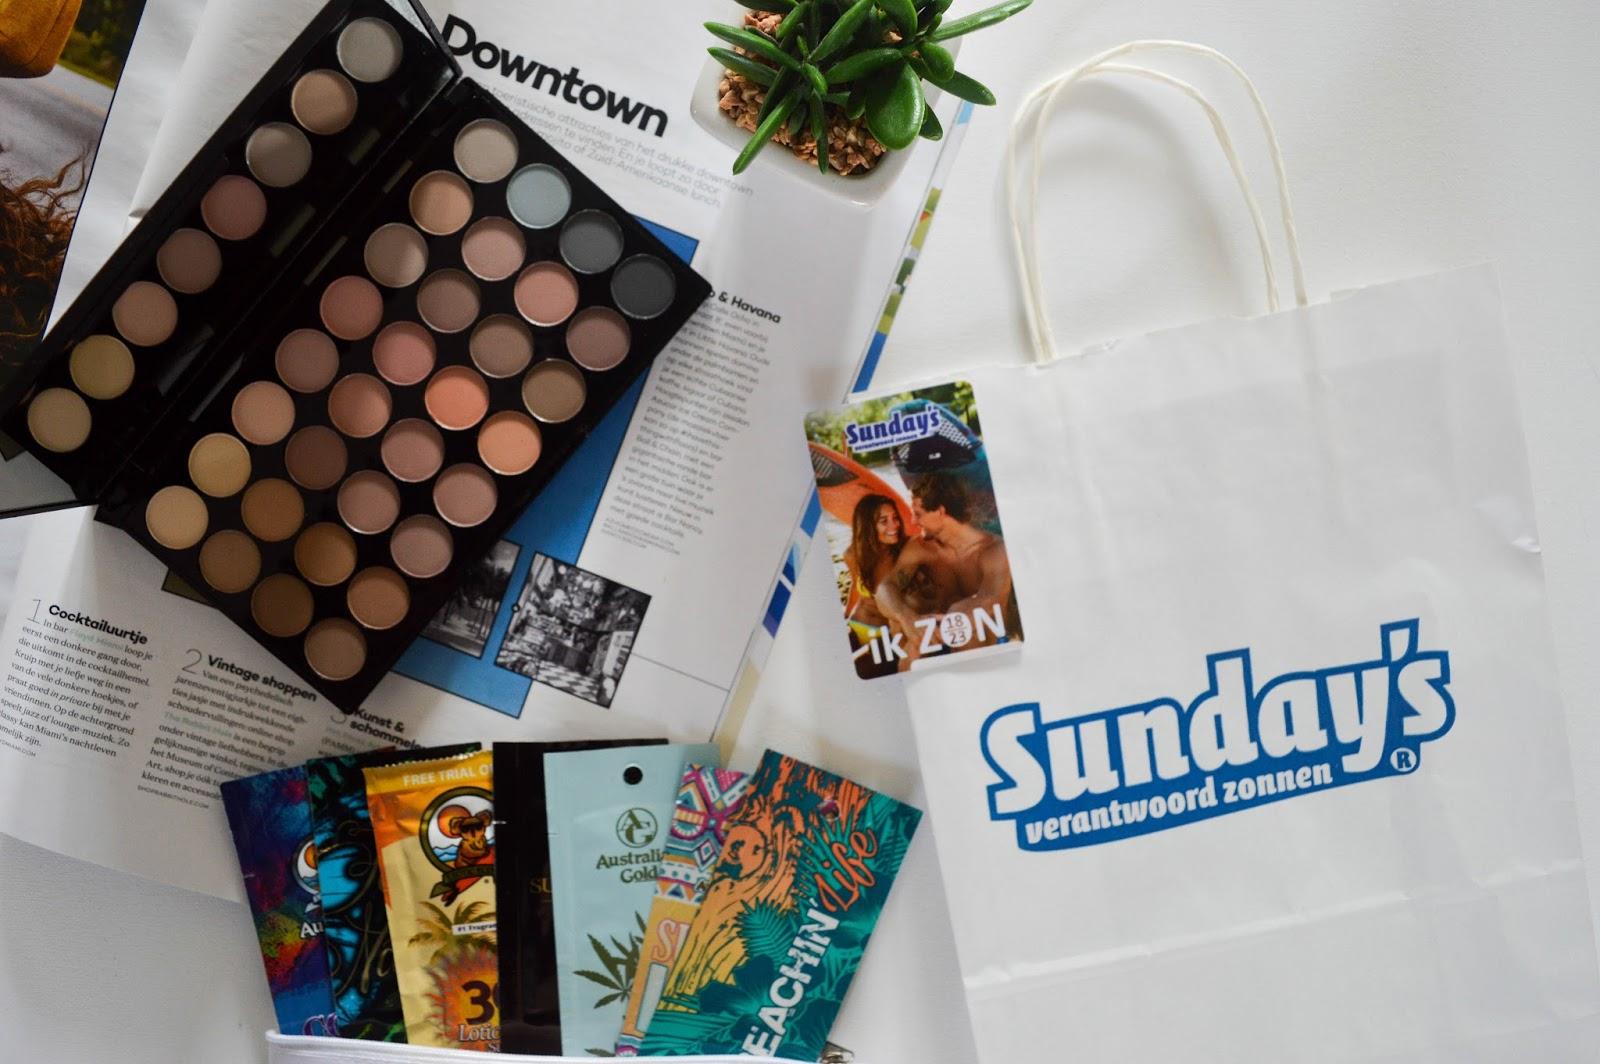 77cf42984596ed Sunday s heeft meer dan 60(!!) vestigingen door heel Nederland. Veilig en  verantwoord zonnen